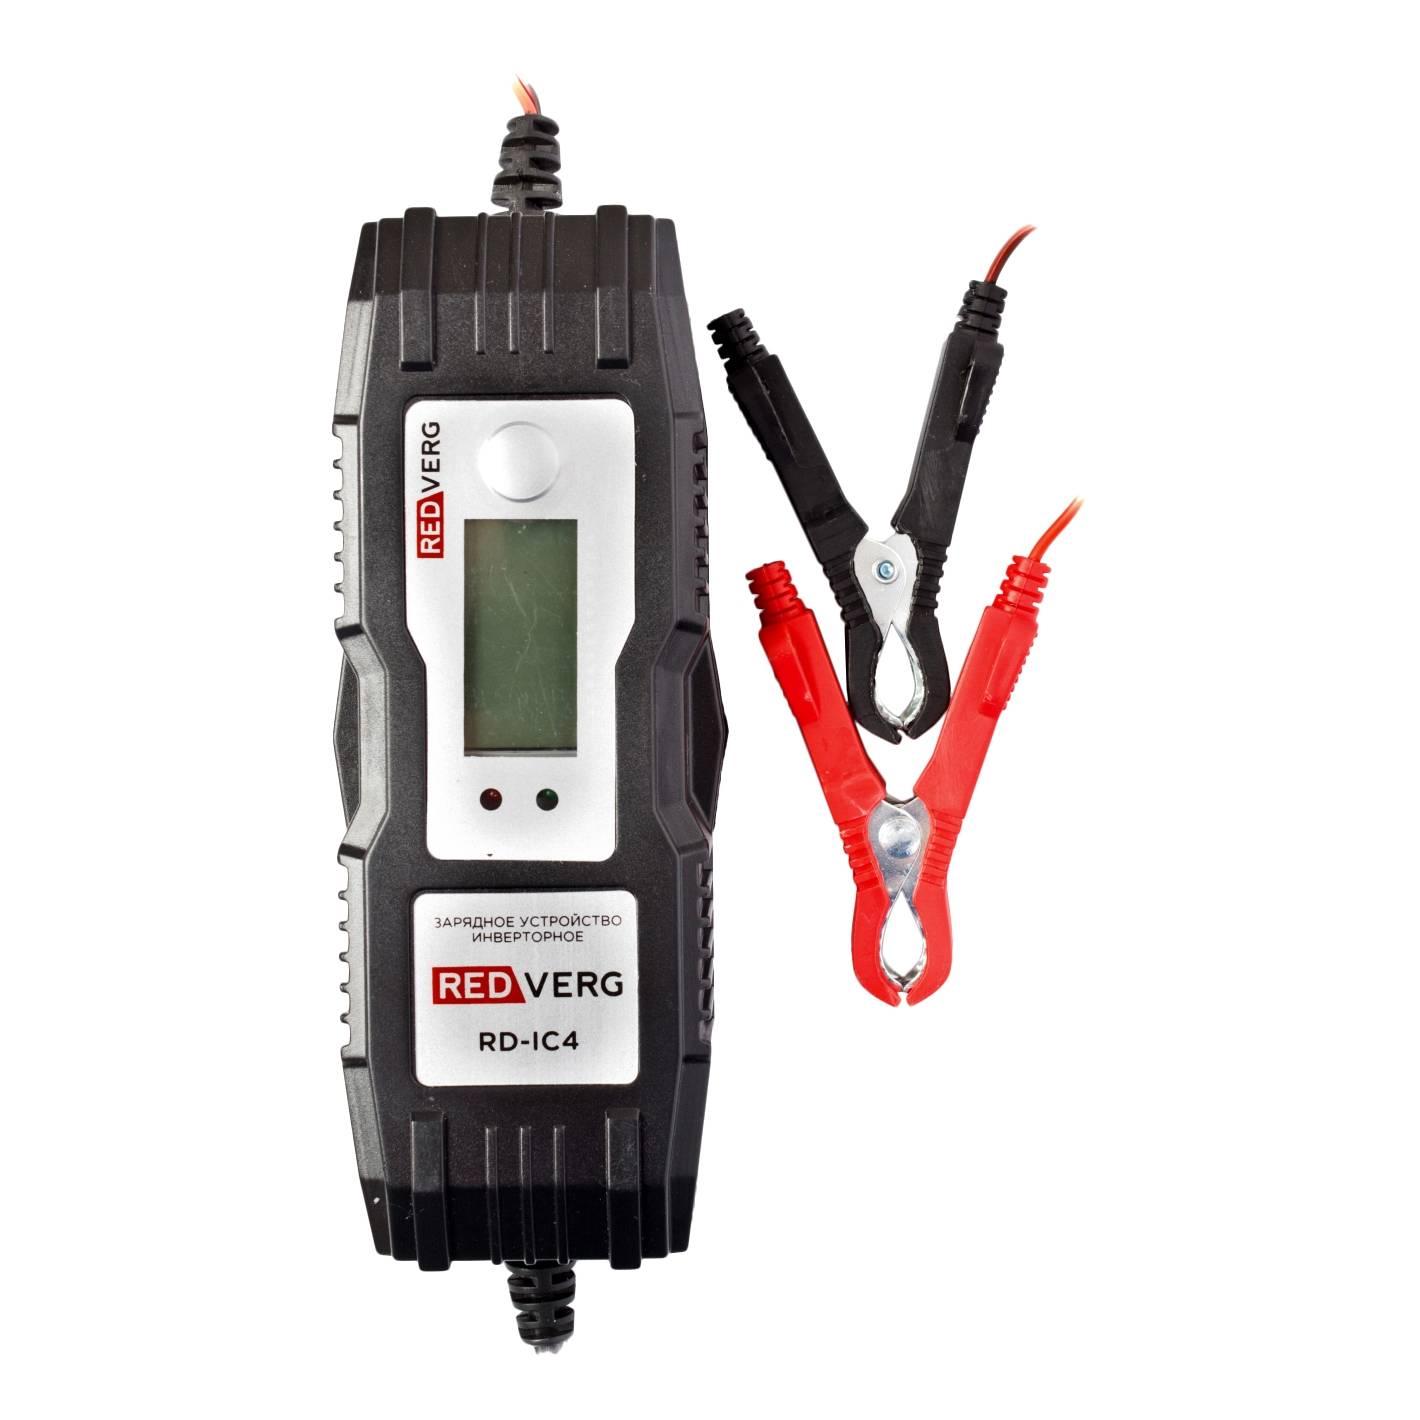 Устройство зарядное для АКБ RedVerg RD IC4 (60 Вт, 14,7 В, 120 Ач, 3,8 А, режим зимней зарядки, 4 режима)|ЗУ для аккумуляторов|   | АлиЭкспресс